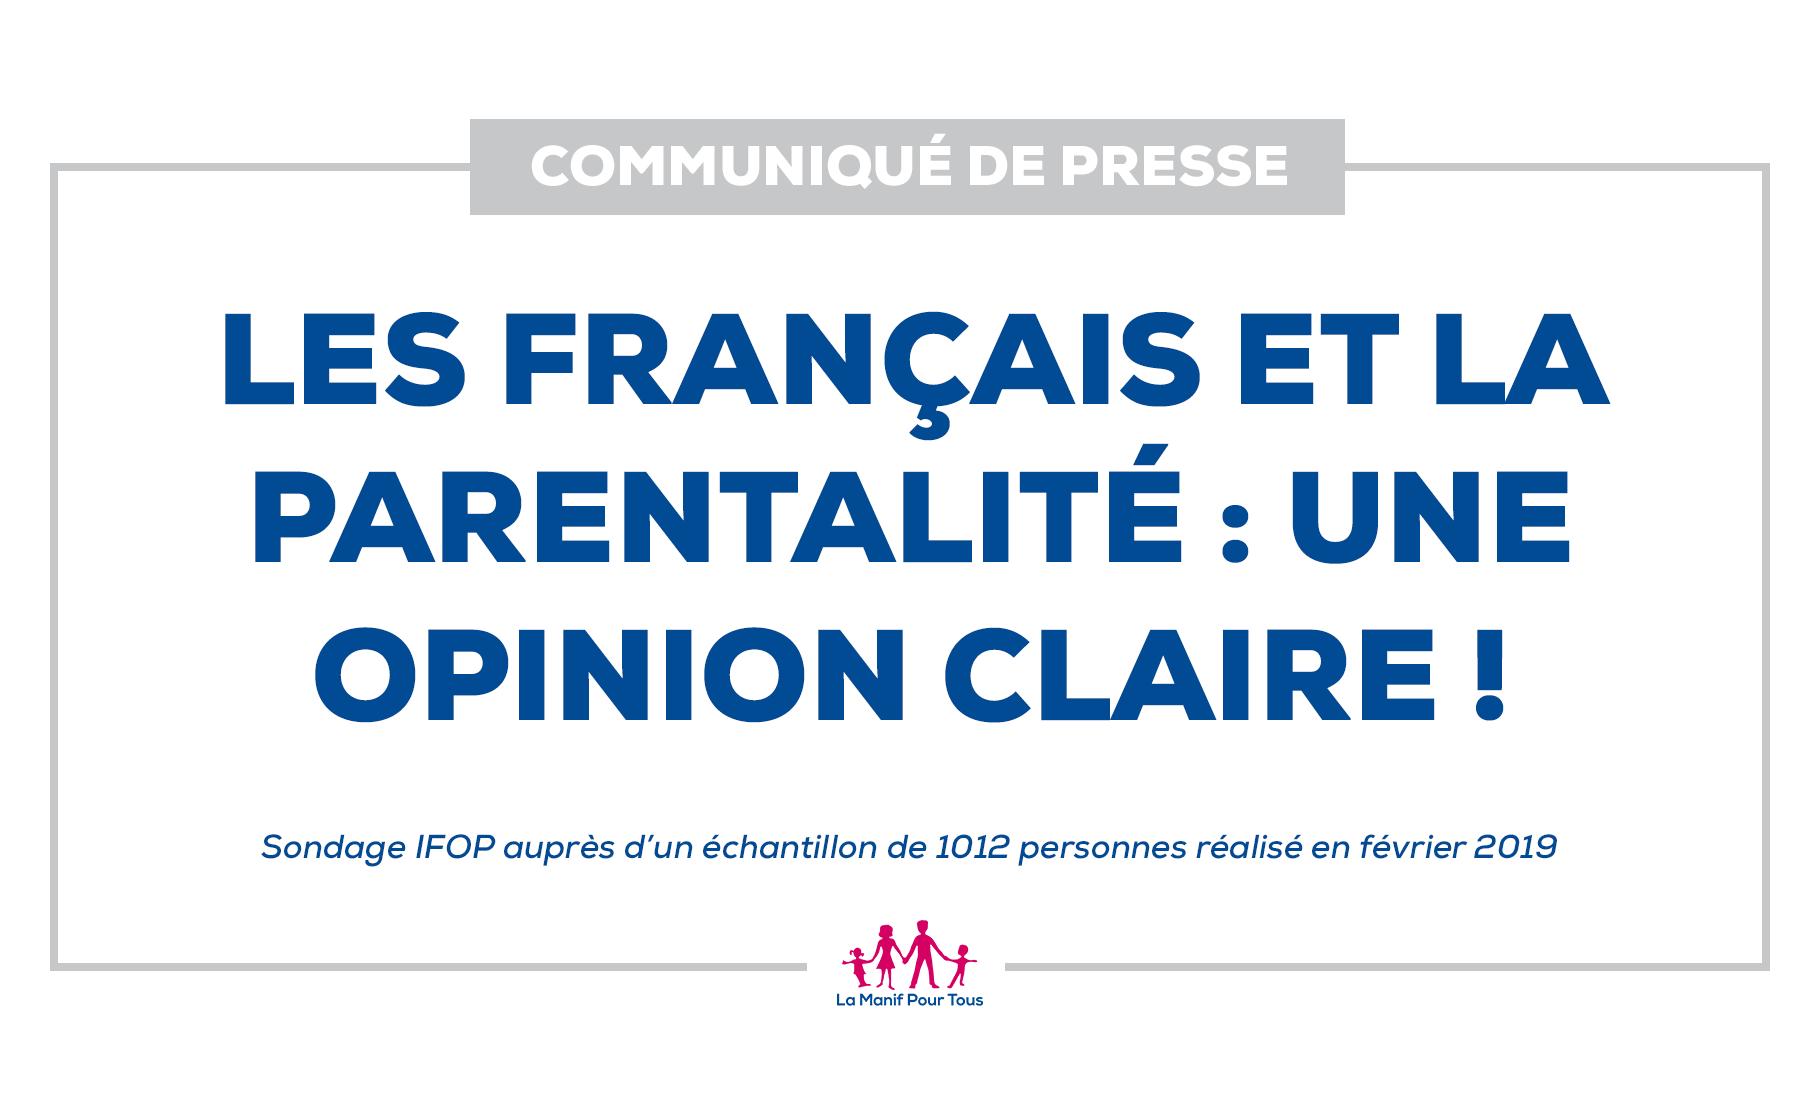 Image - Communiqué – Les Français et la parentalité : une opinion claire ! (Sondage IFOP – février 2019)